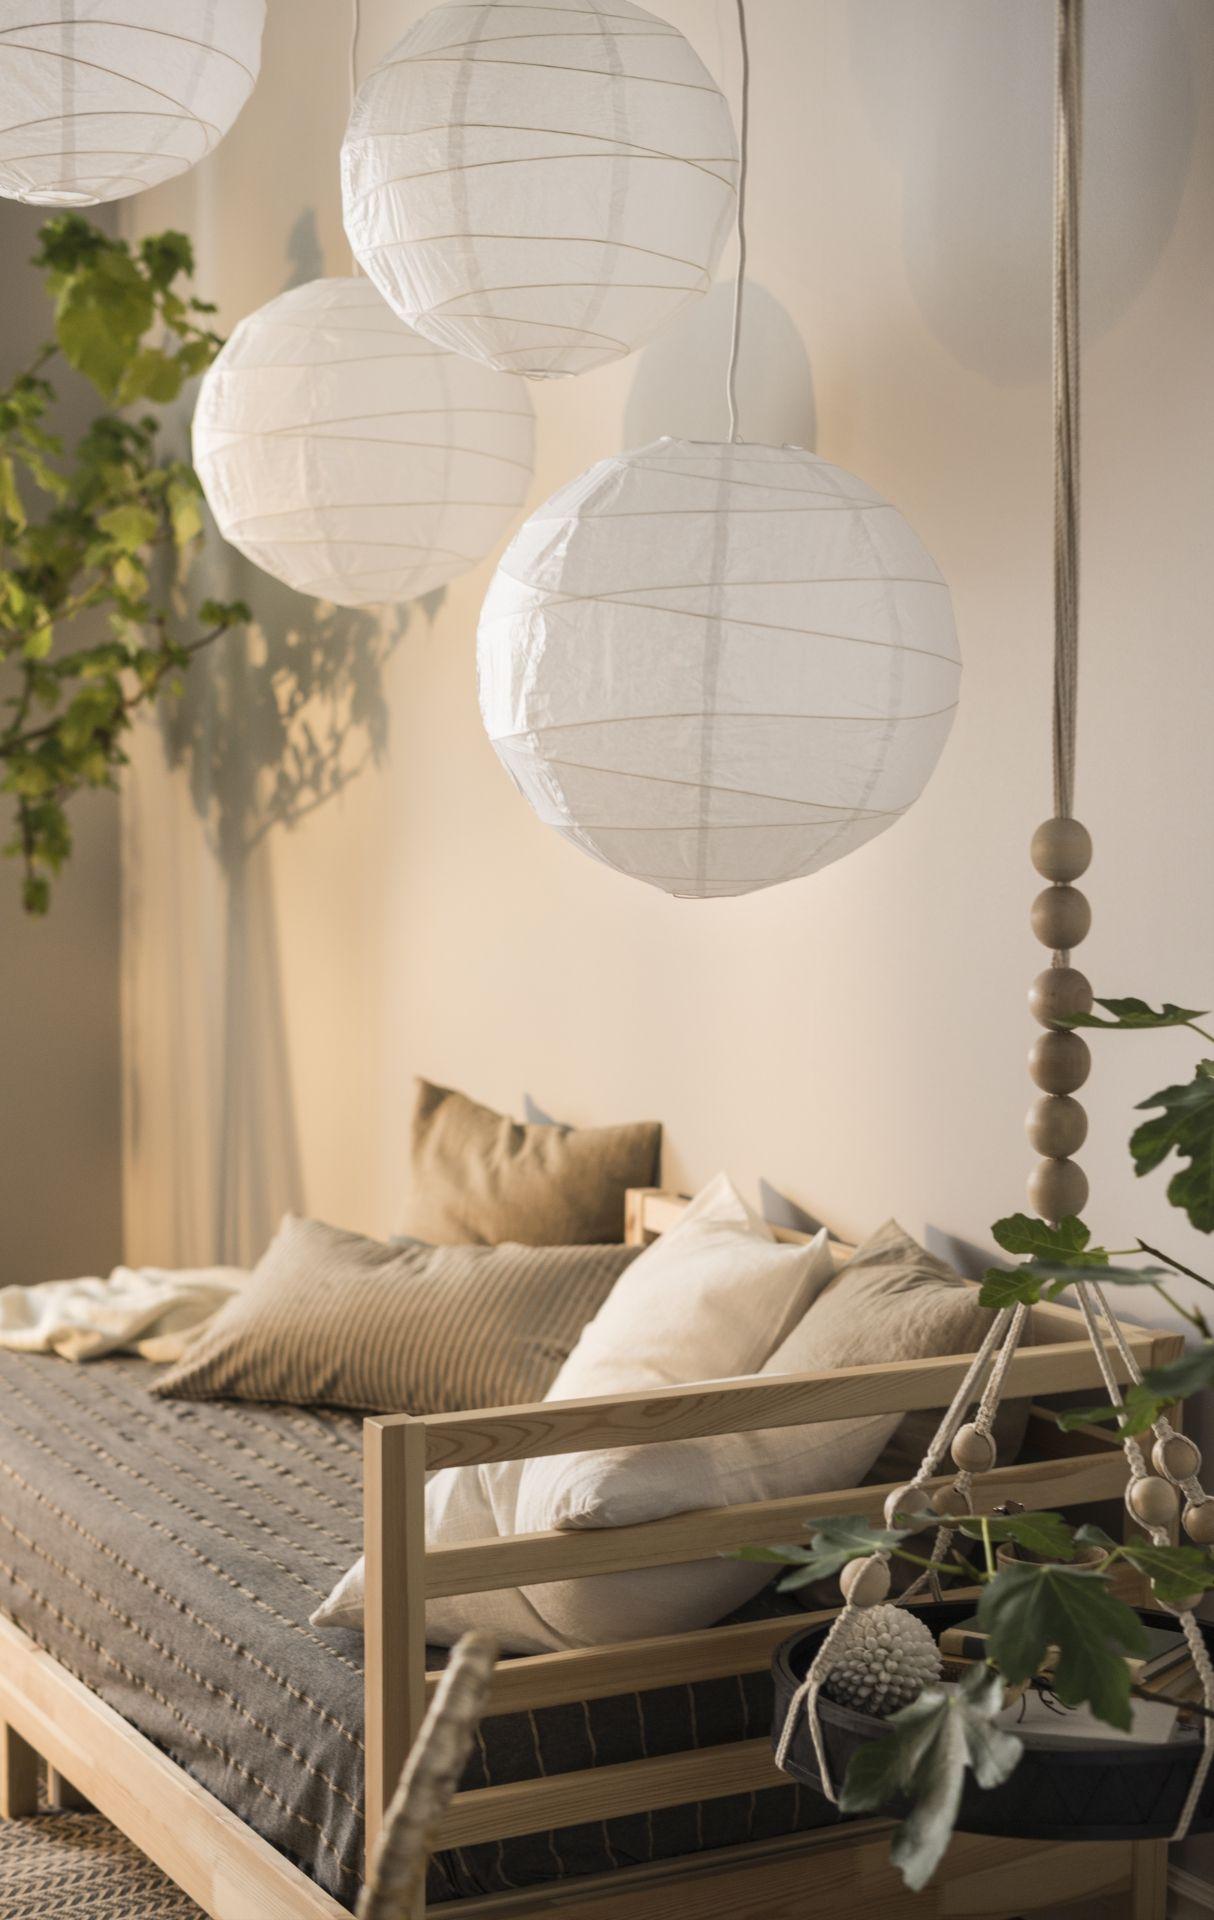 Muebles, colchones y decoración - Compra Online  Decoracion de